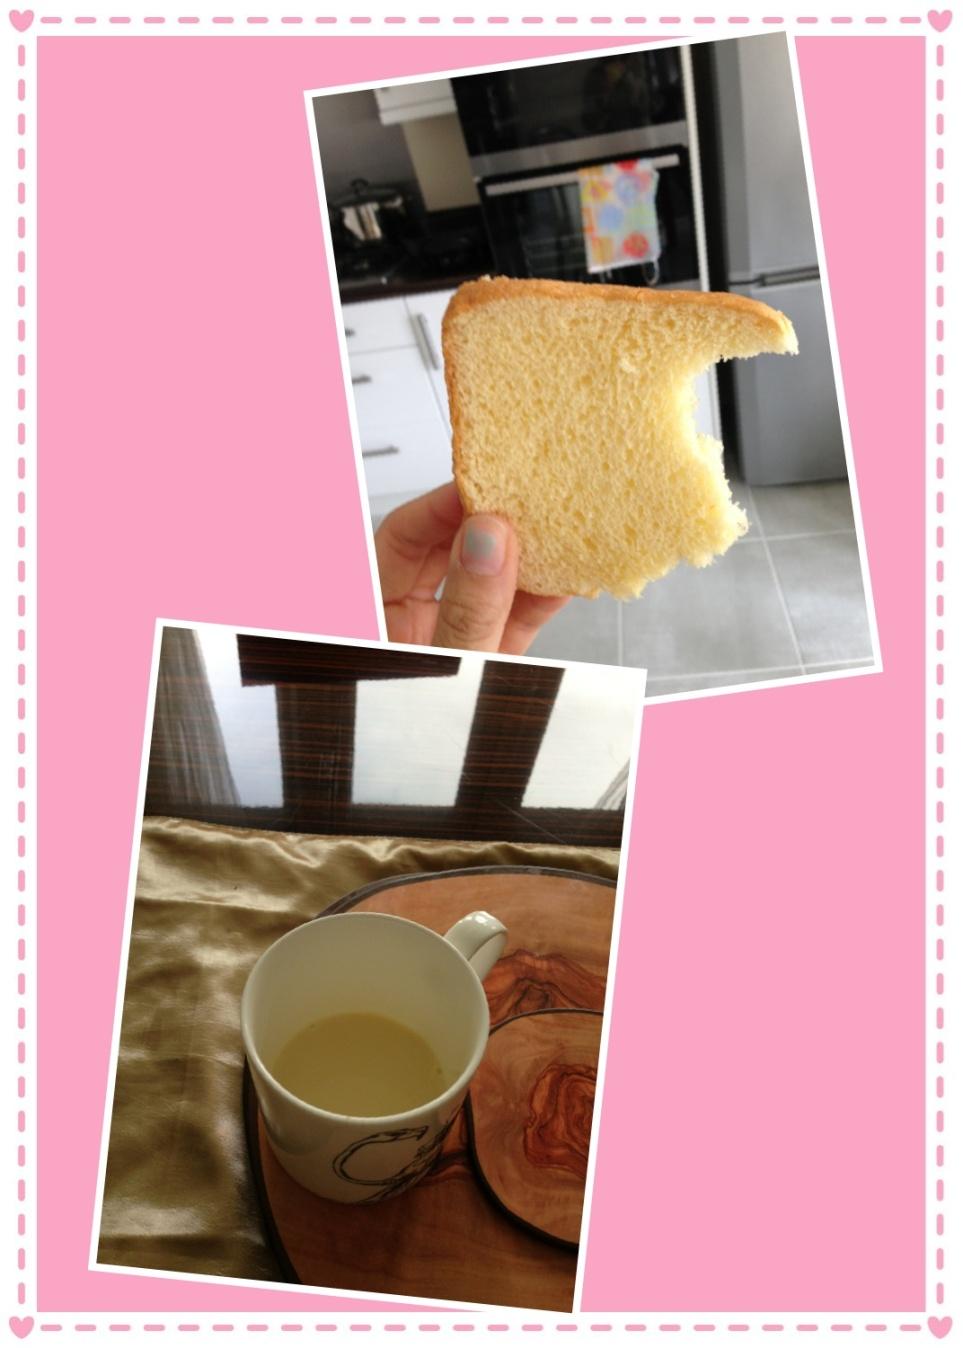 Breakfast: Soya Milk + Bread